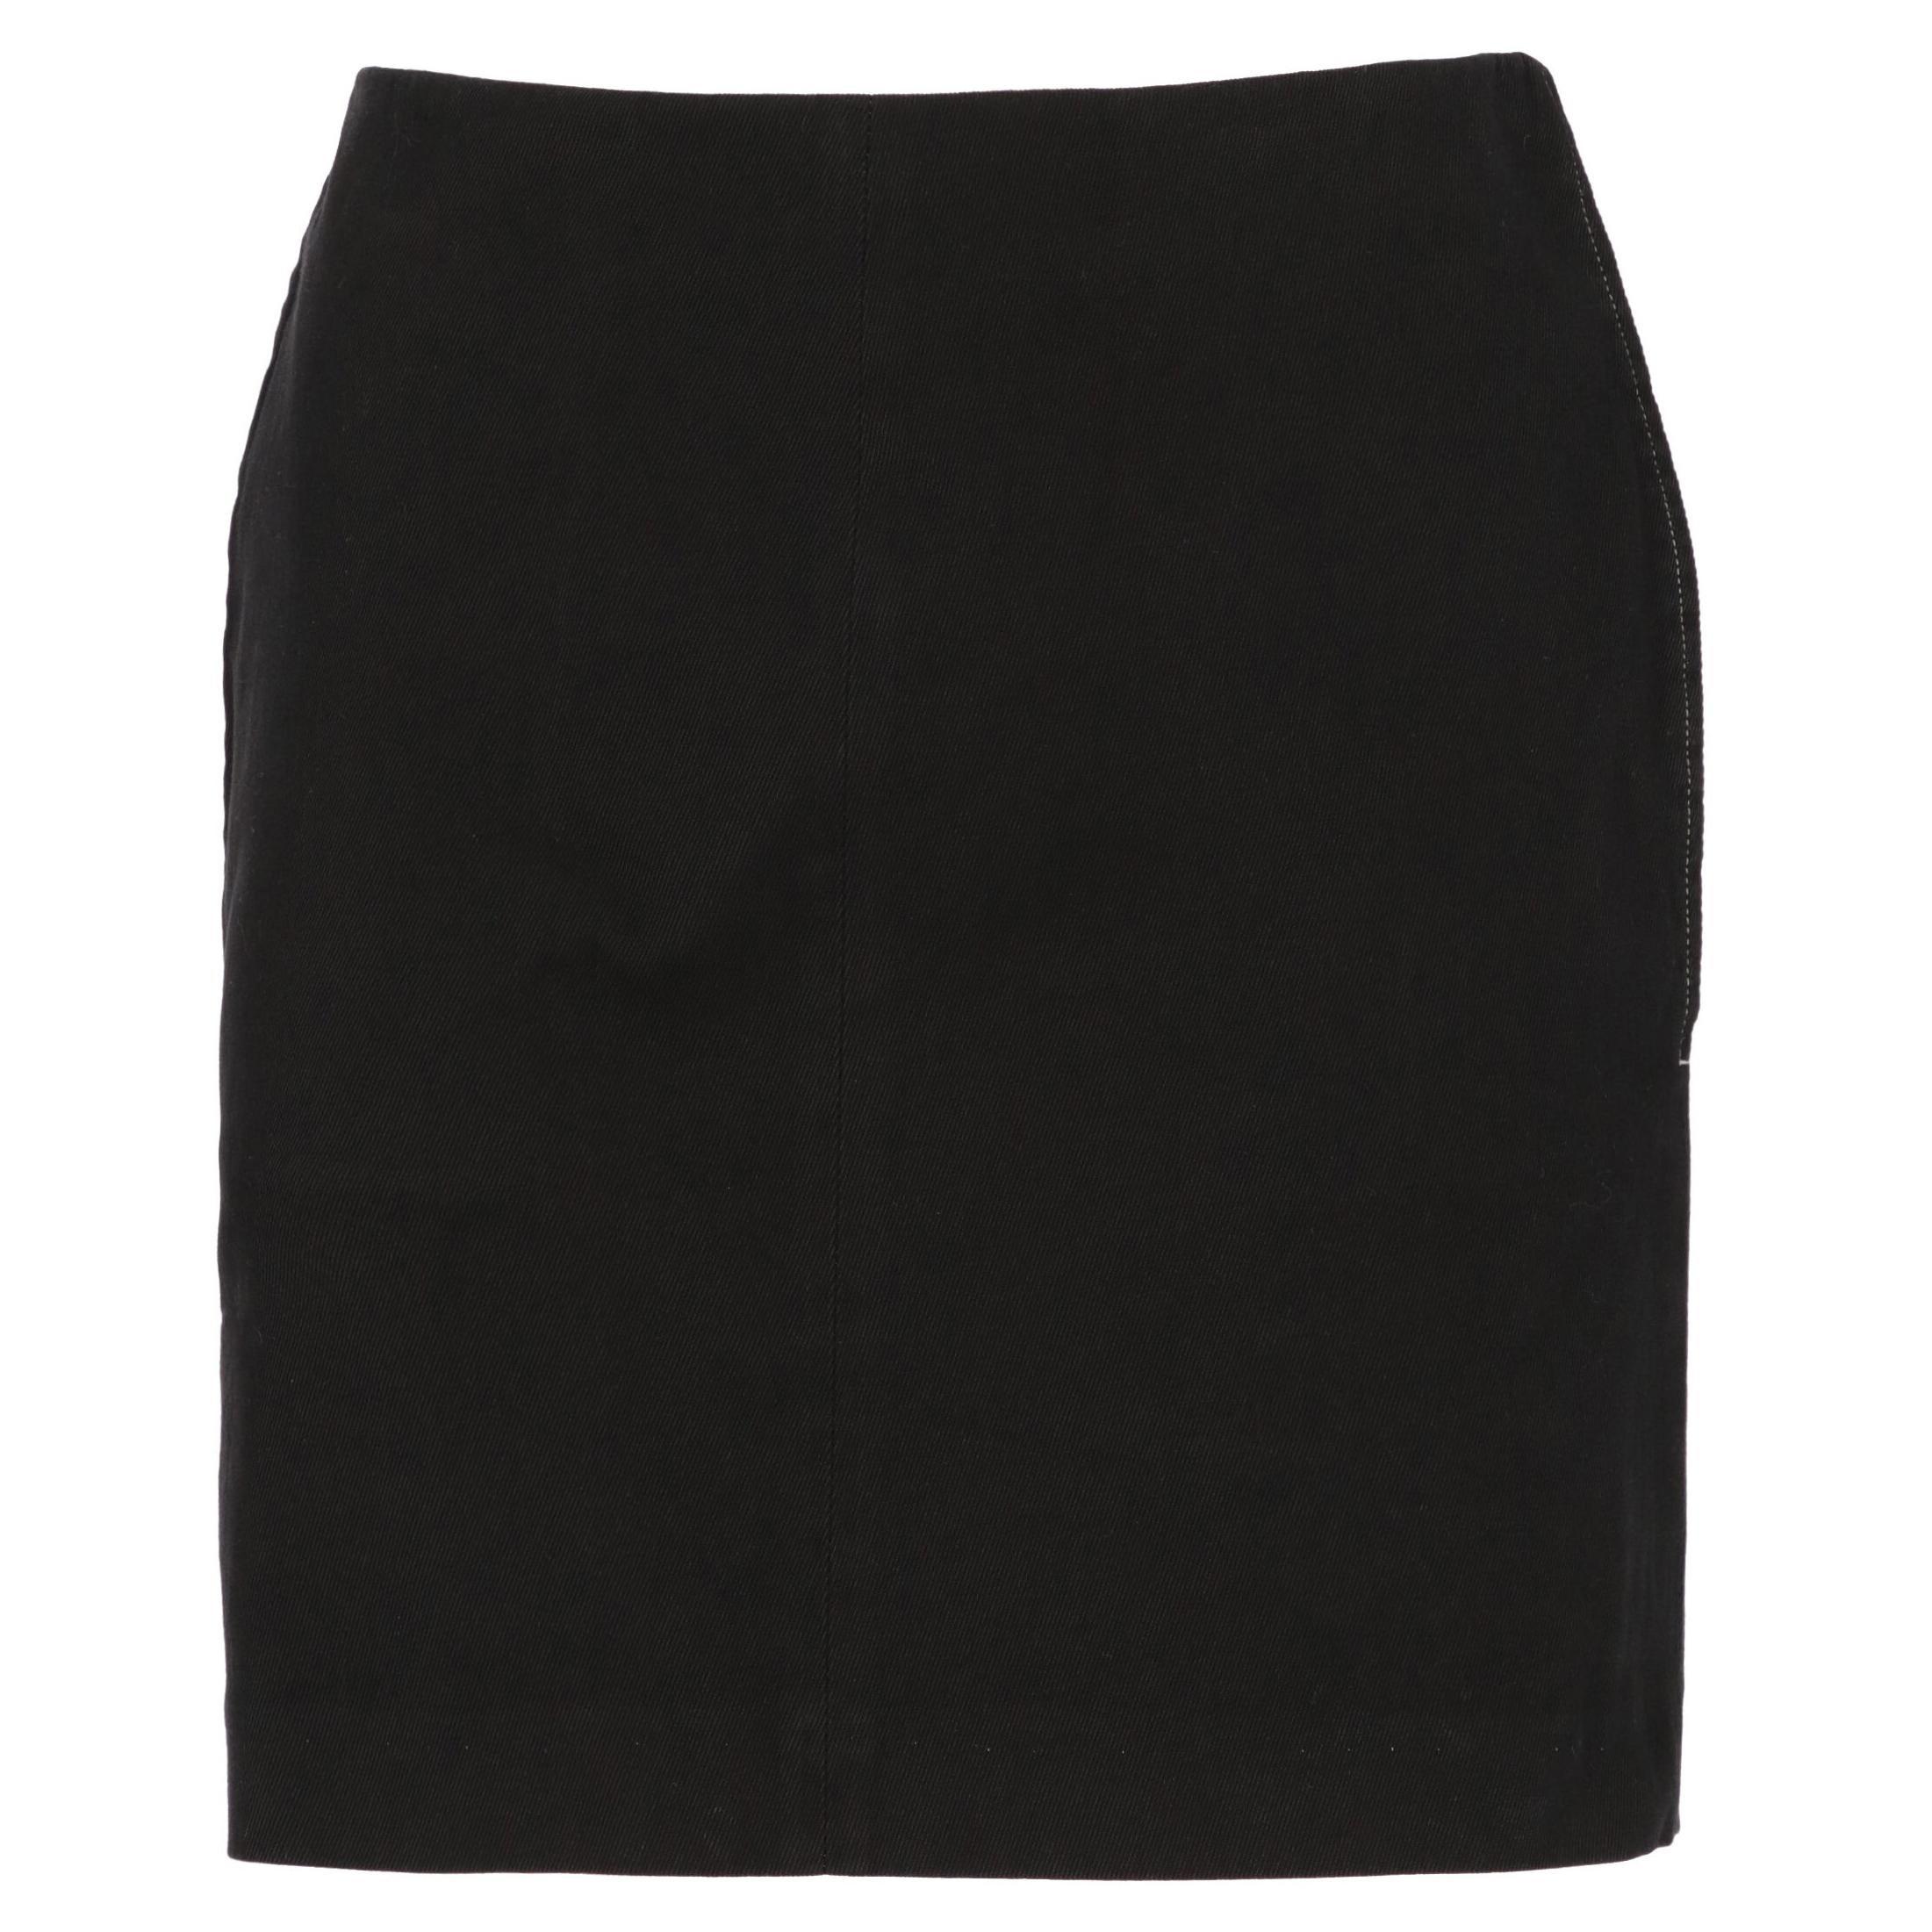 2000s Helmut Lang Black Mini Skirt